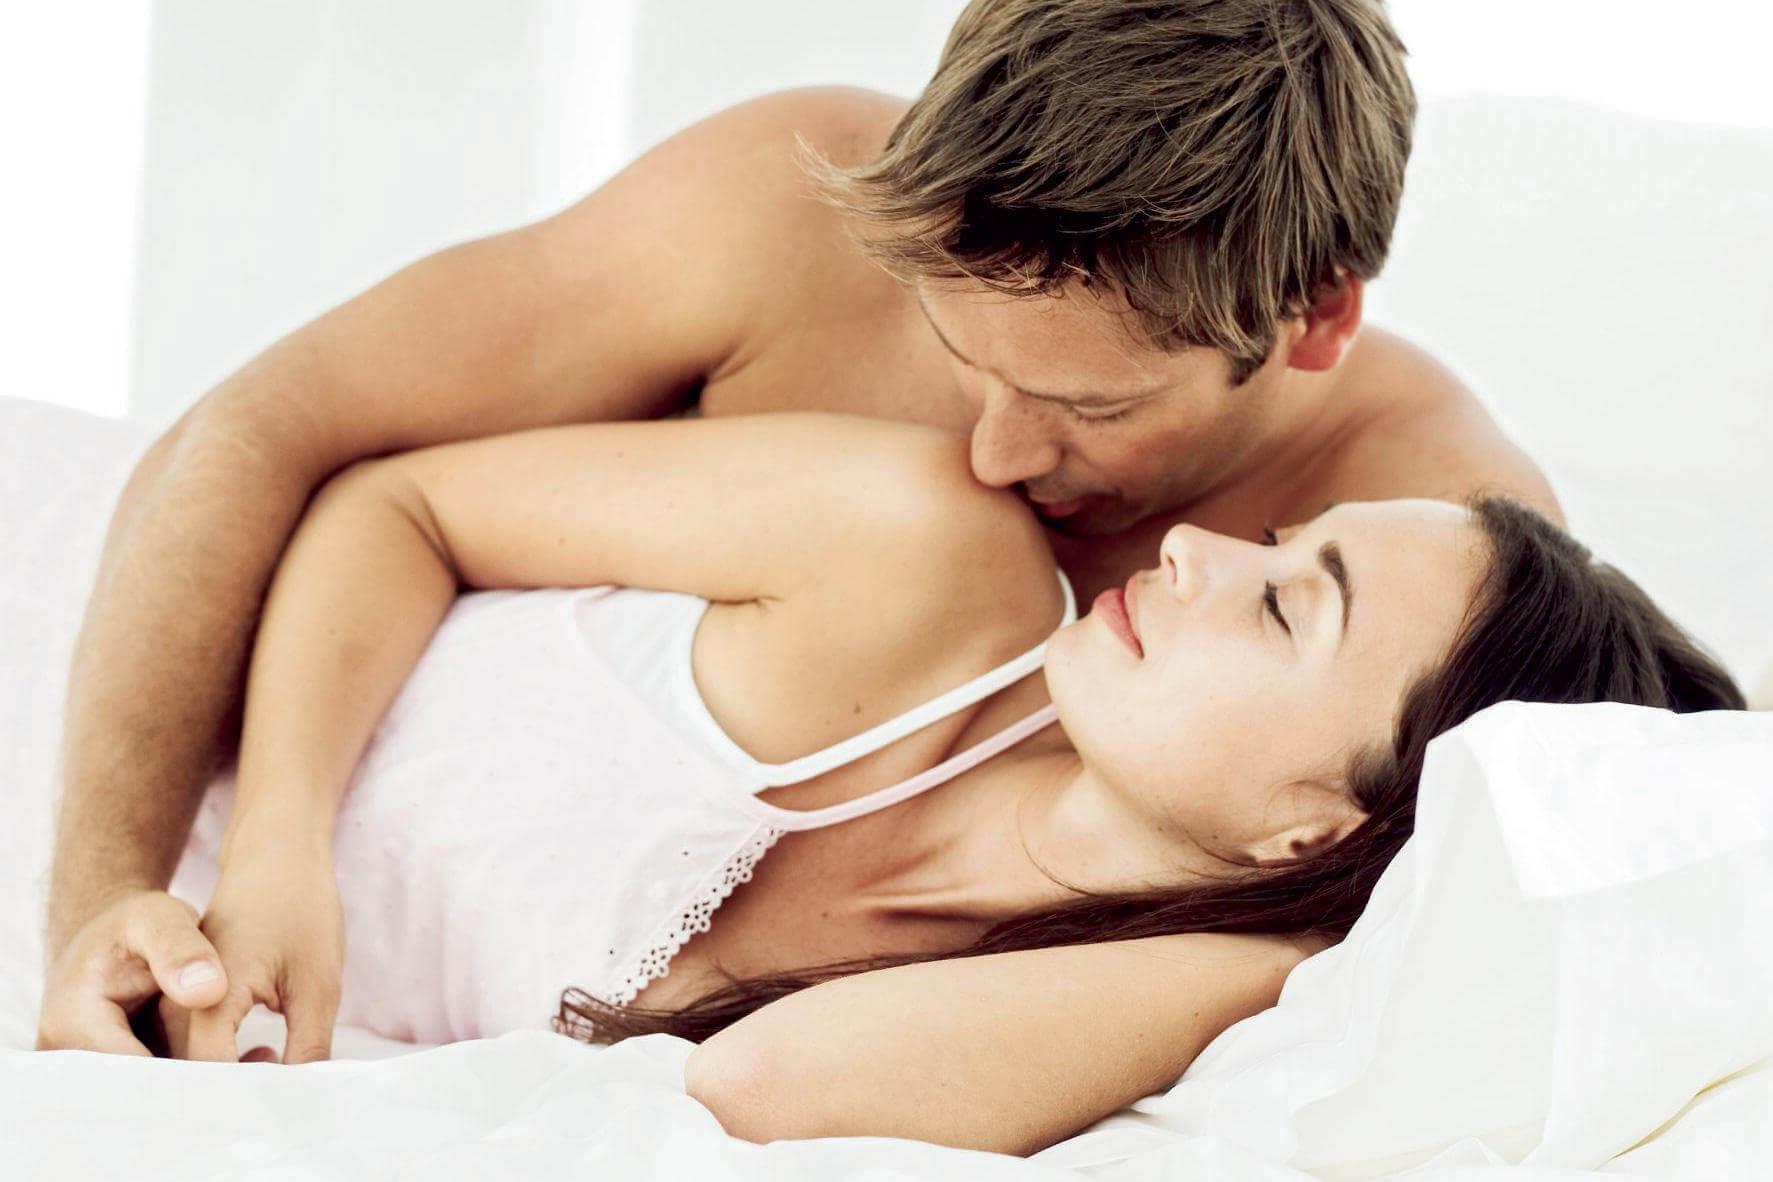 девушке нравятся как одинокий мужчина может доставить сам себе удовольствие в сексе ягодица выпуклость